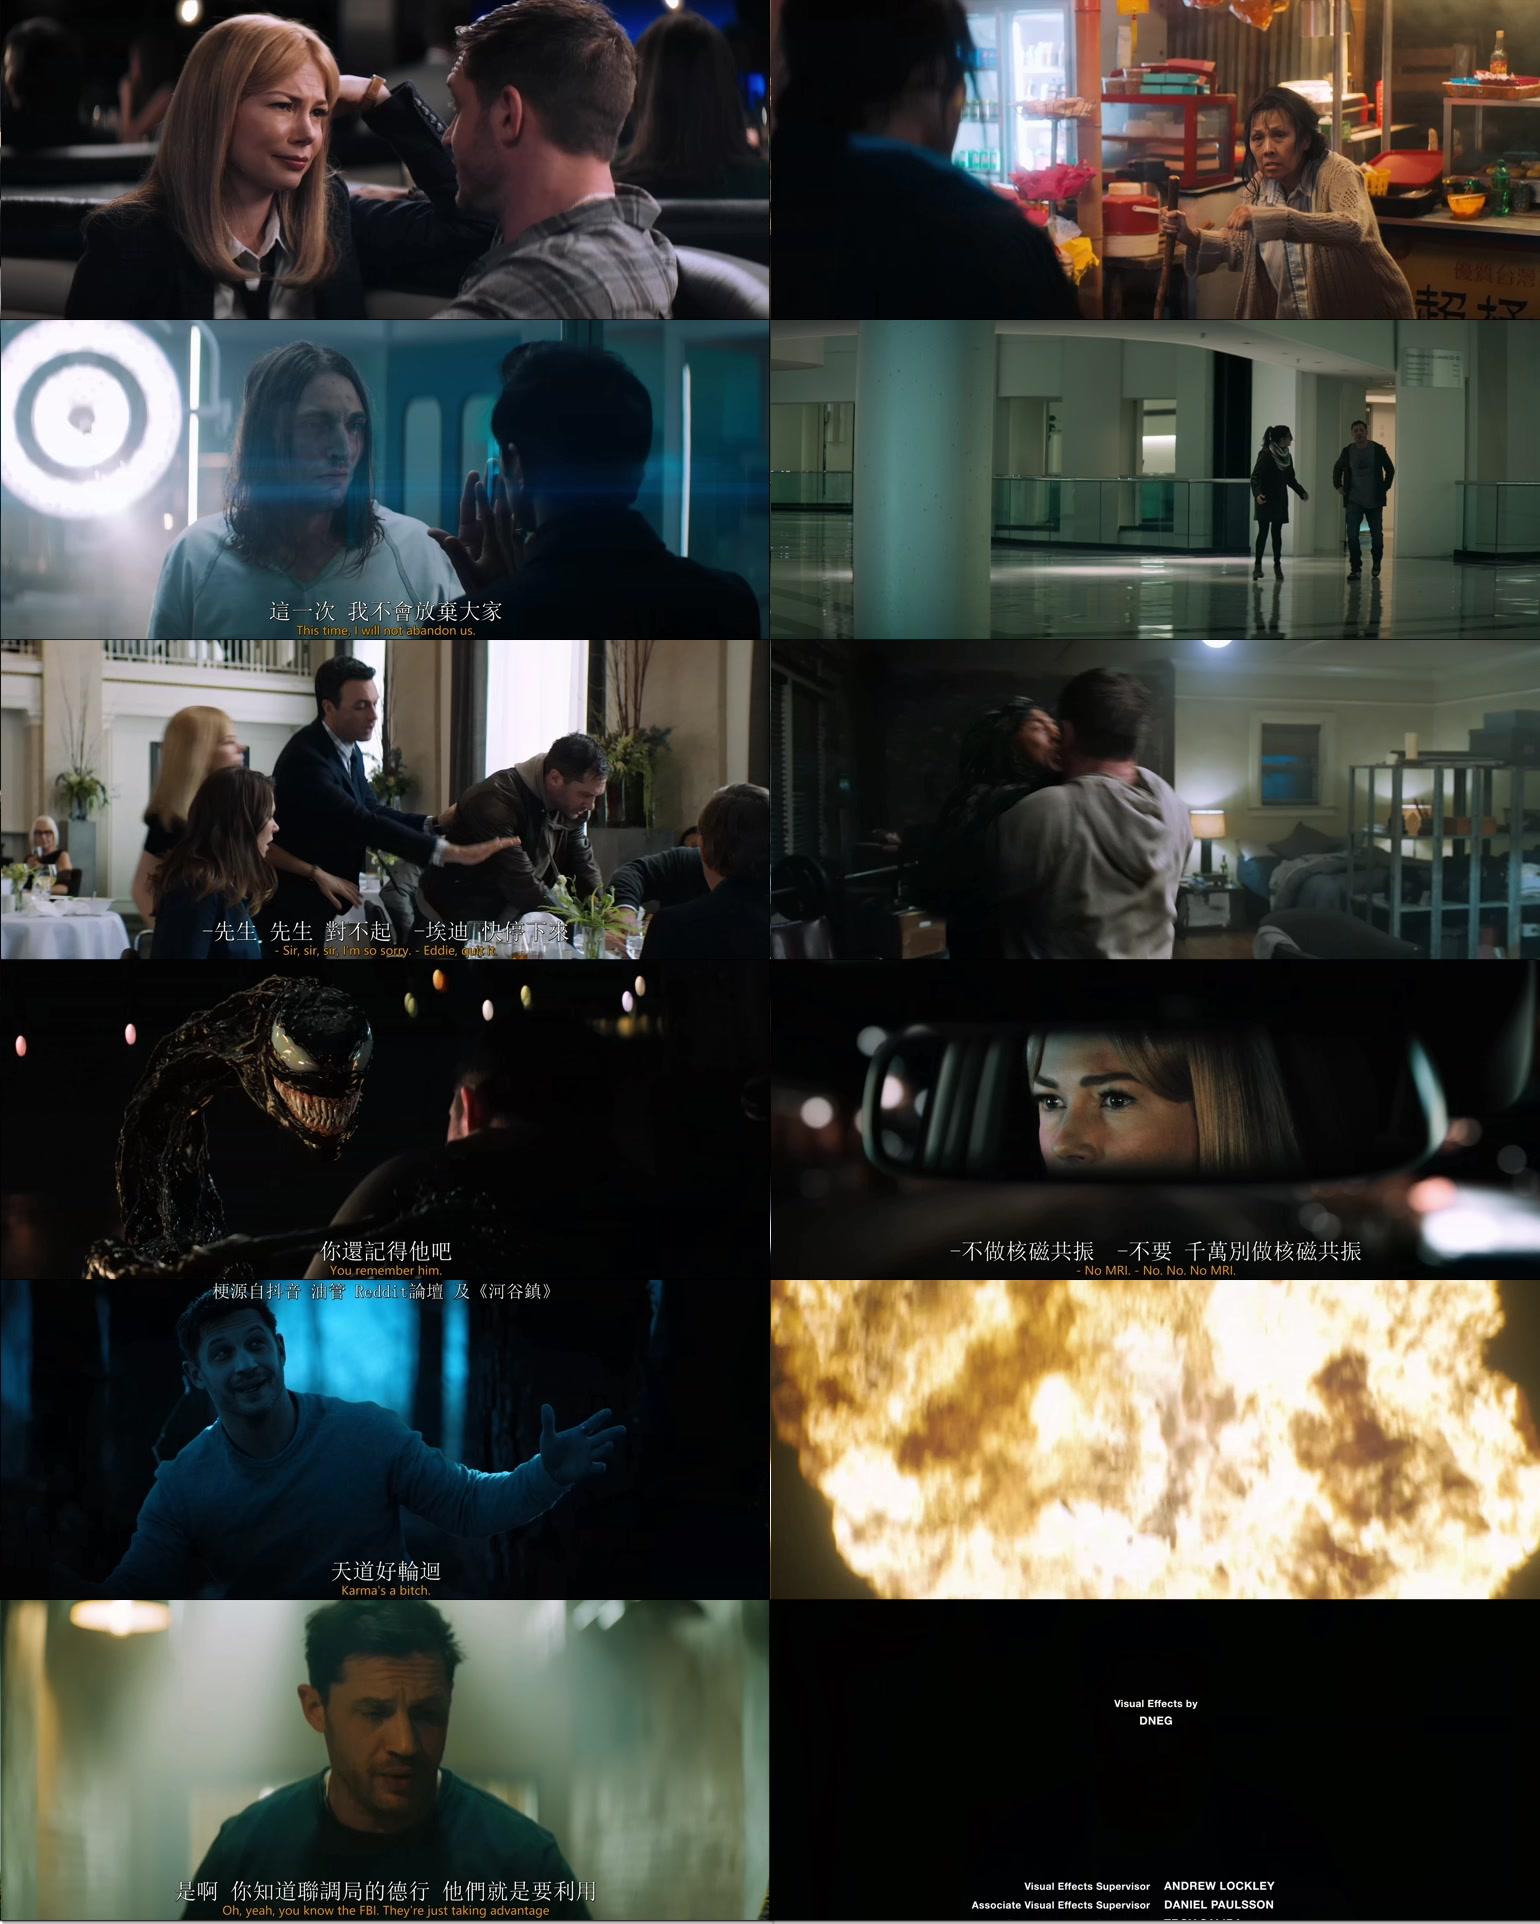 Venom.2018.1080p.BluRay.x264.DTS-HD.MA.5.1-HDC.mkv